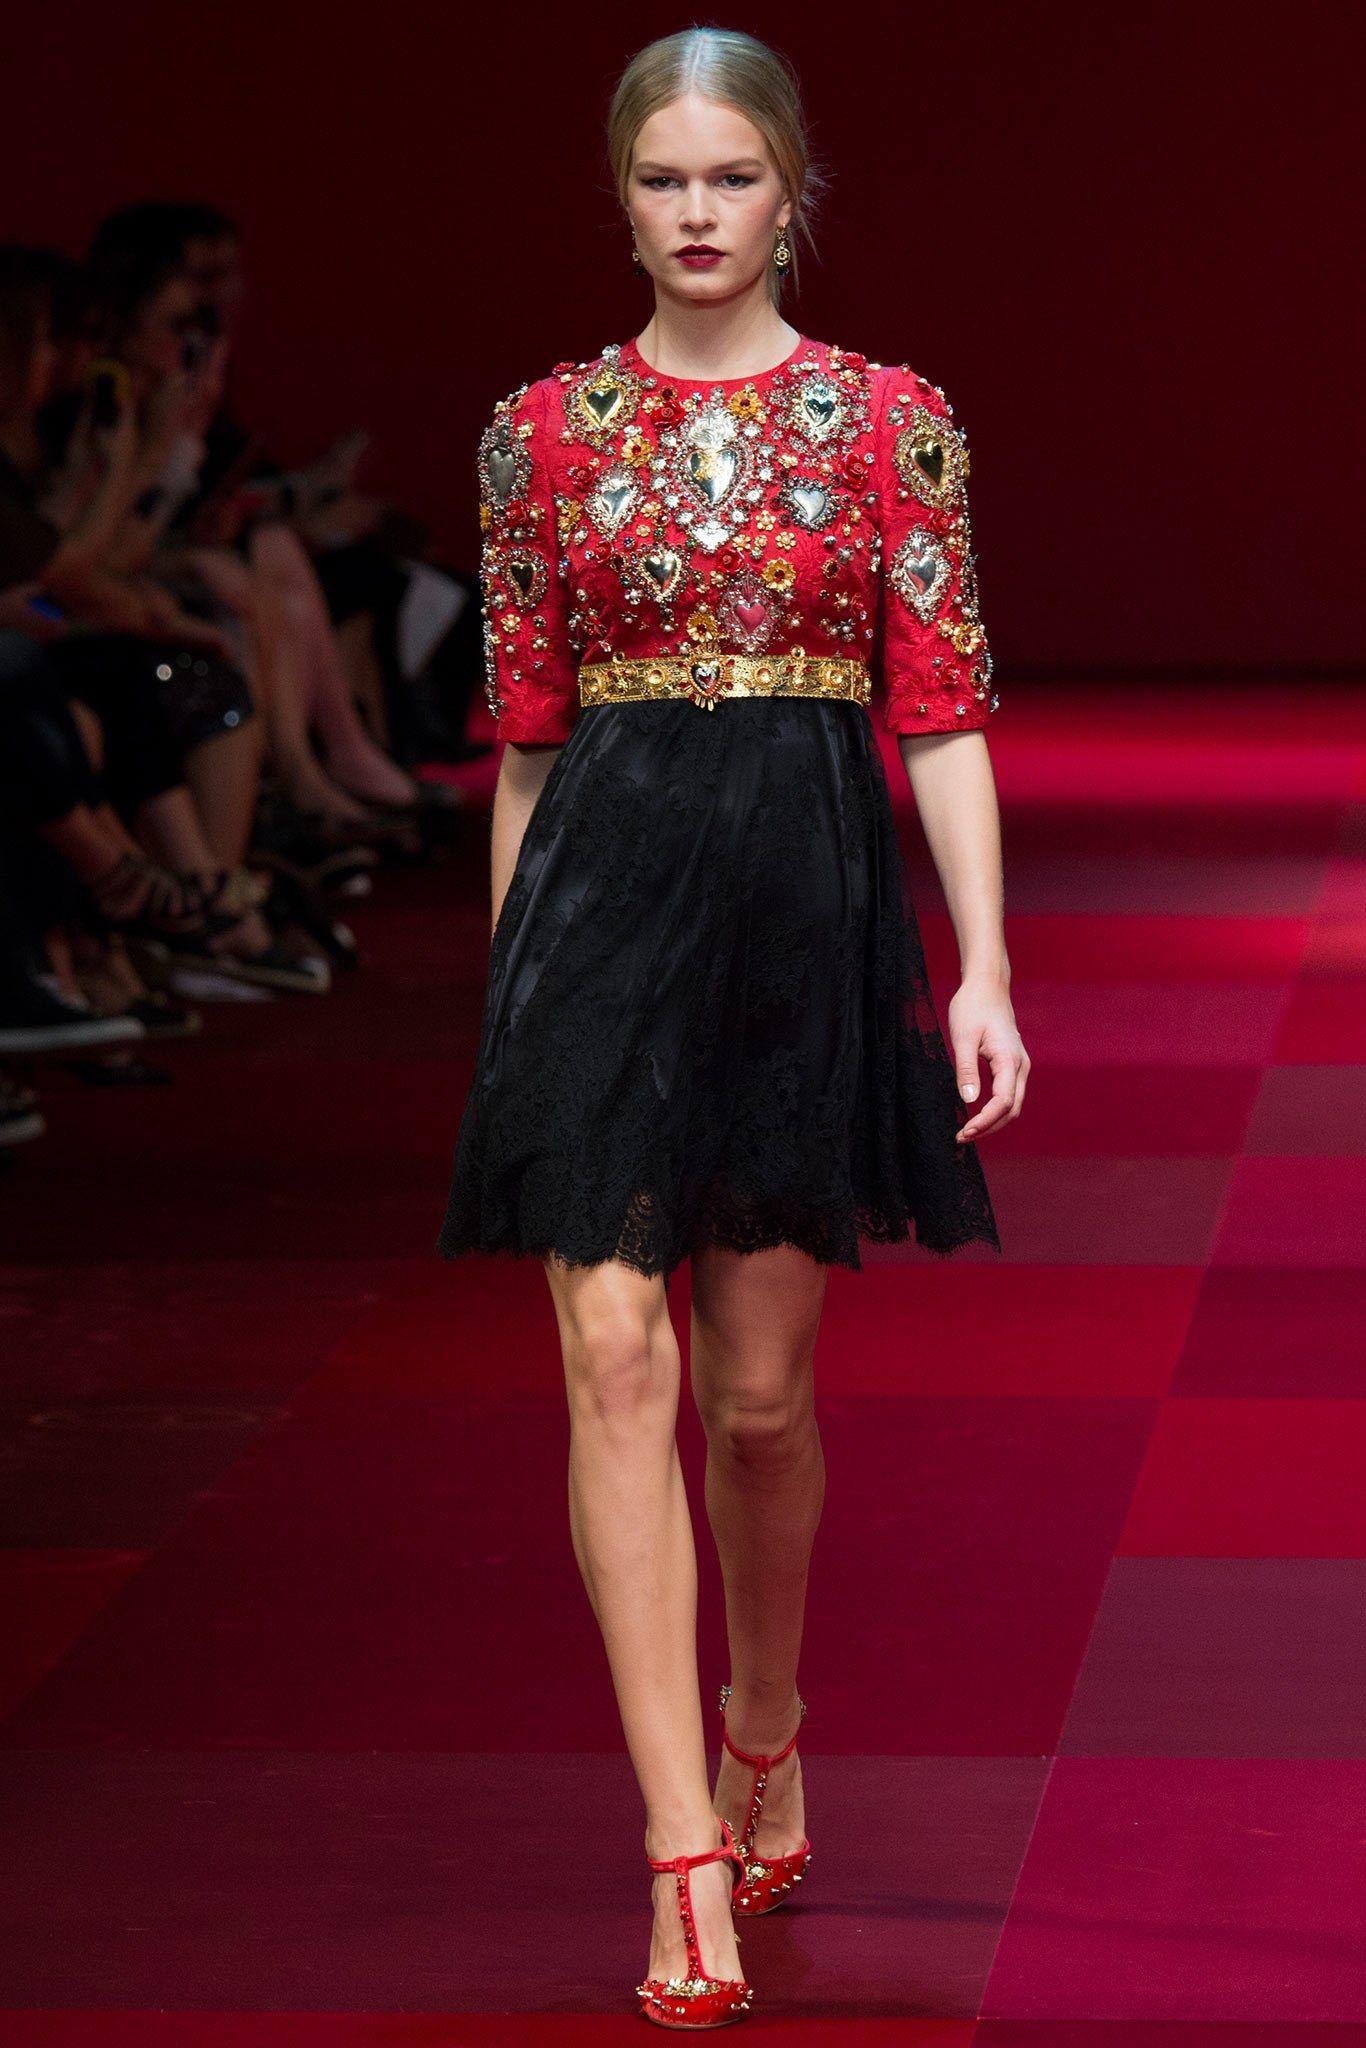 Dolce & Gabbana Spring 2015 Ready-to-Wear Fashion Show - Anna Ewers